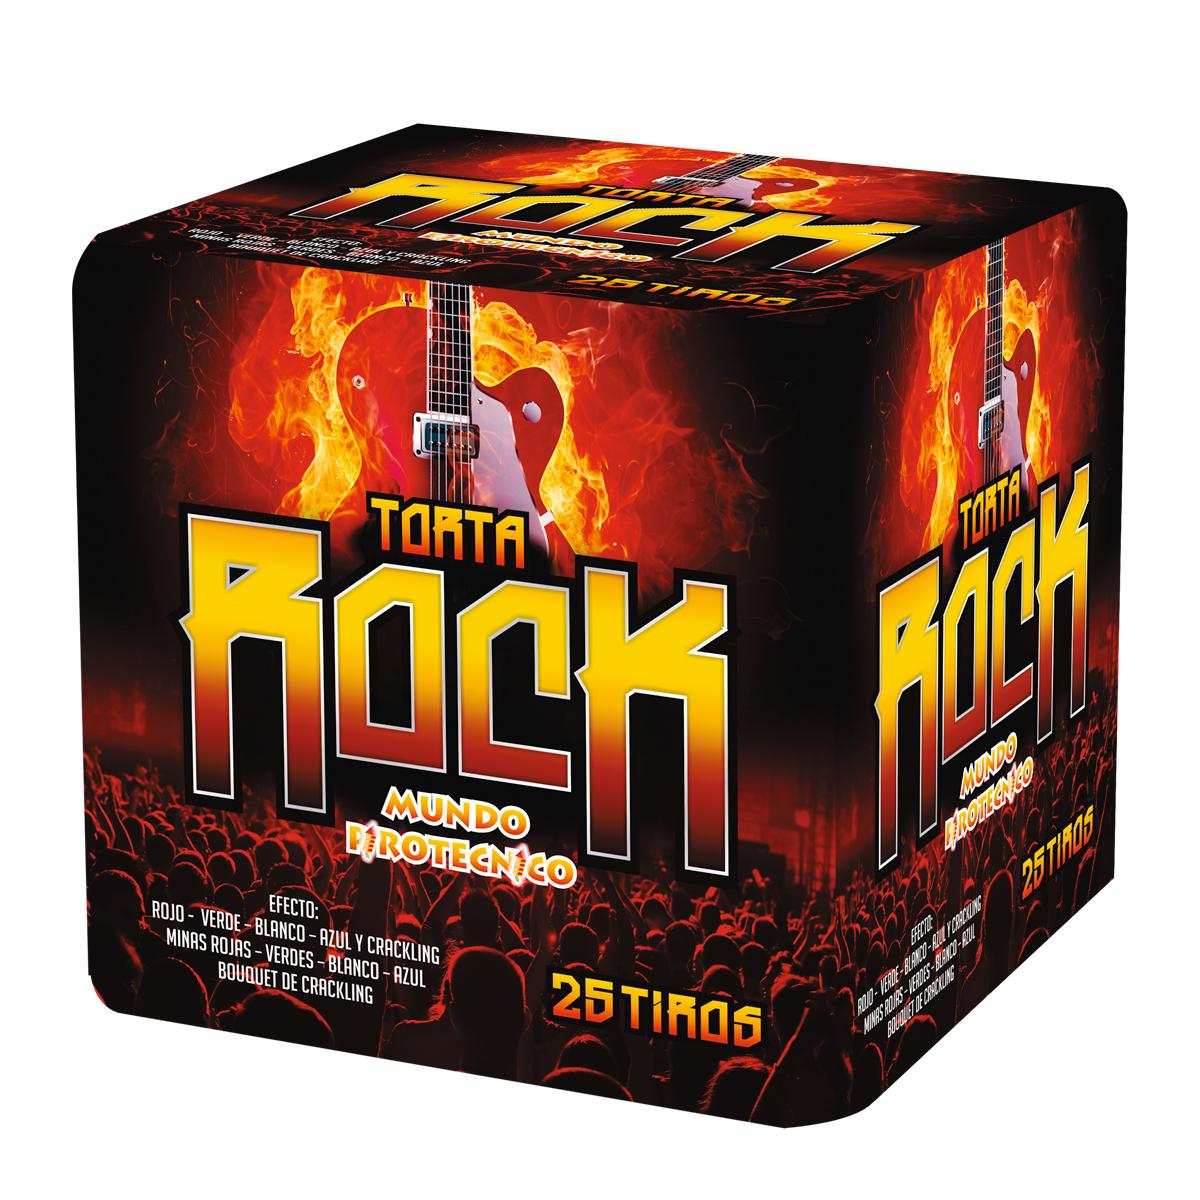 Torta Rock 25 Tiros